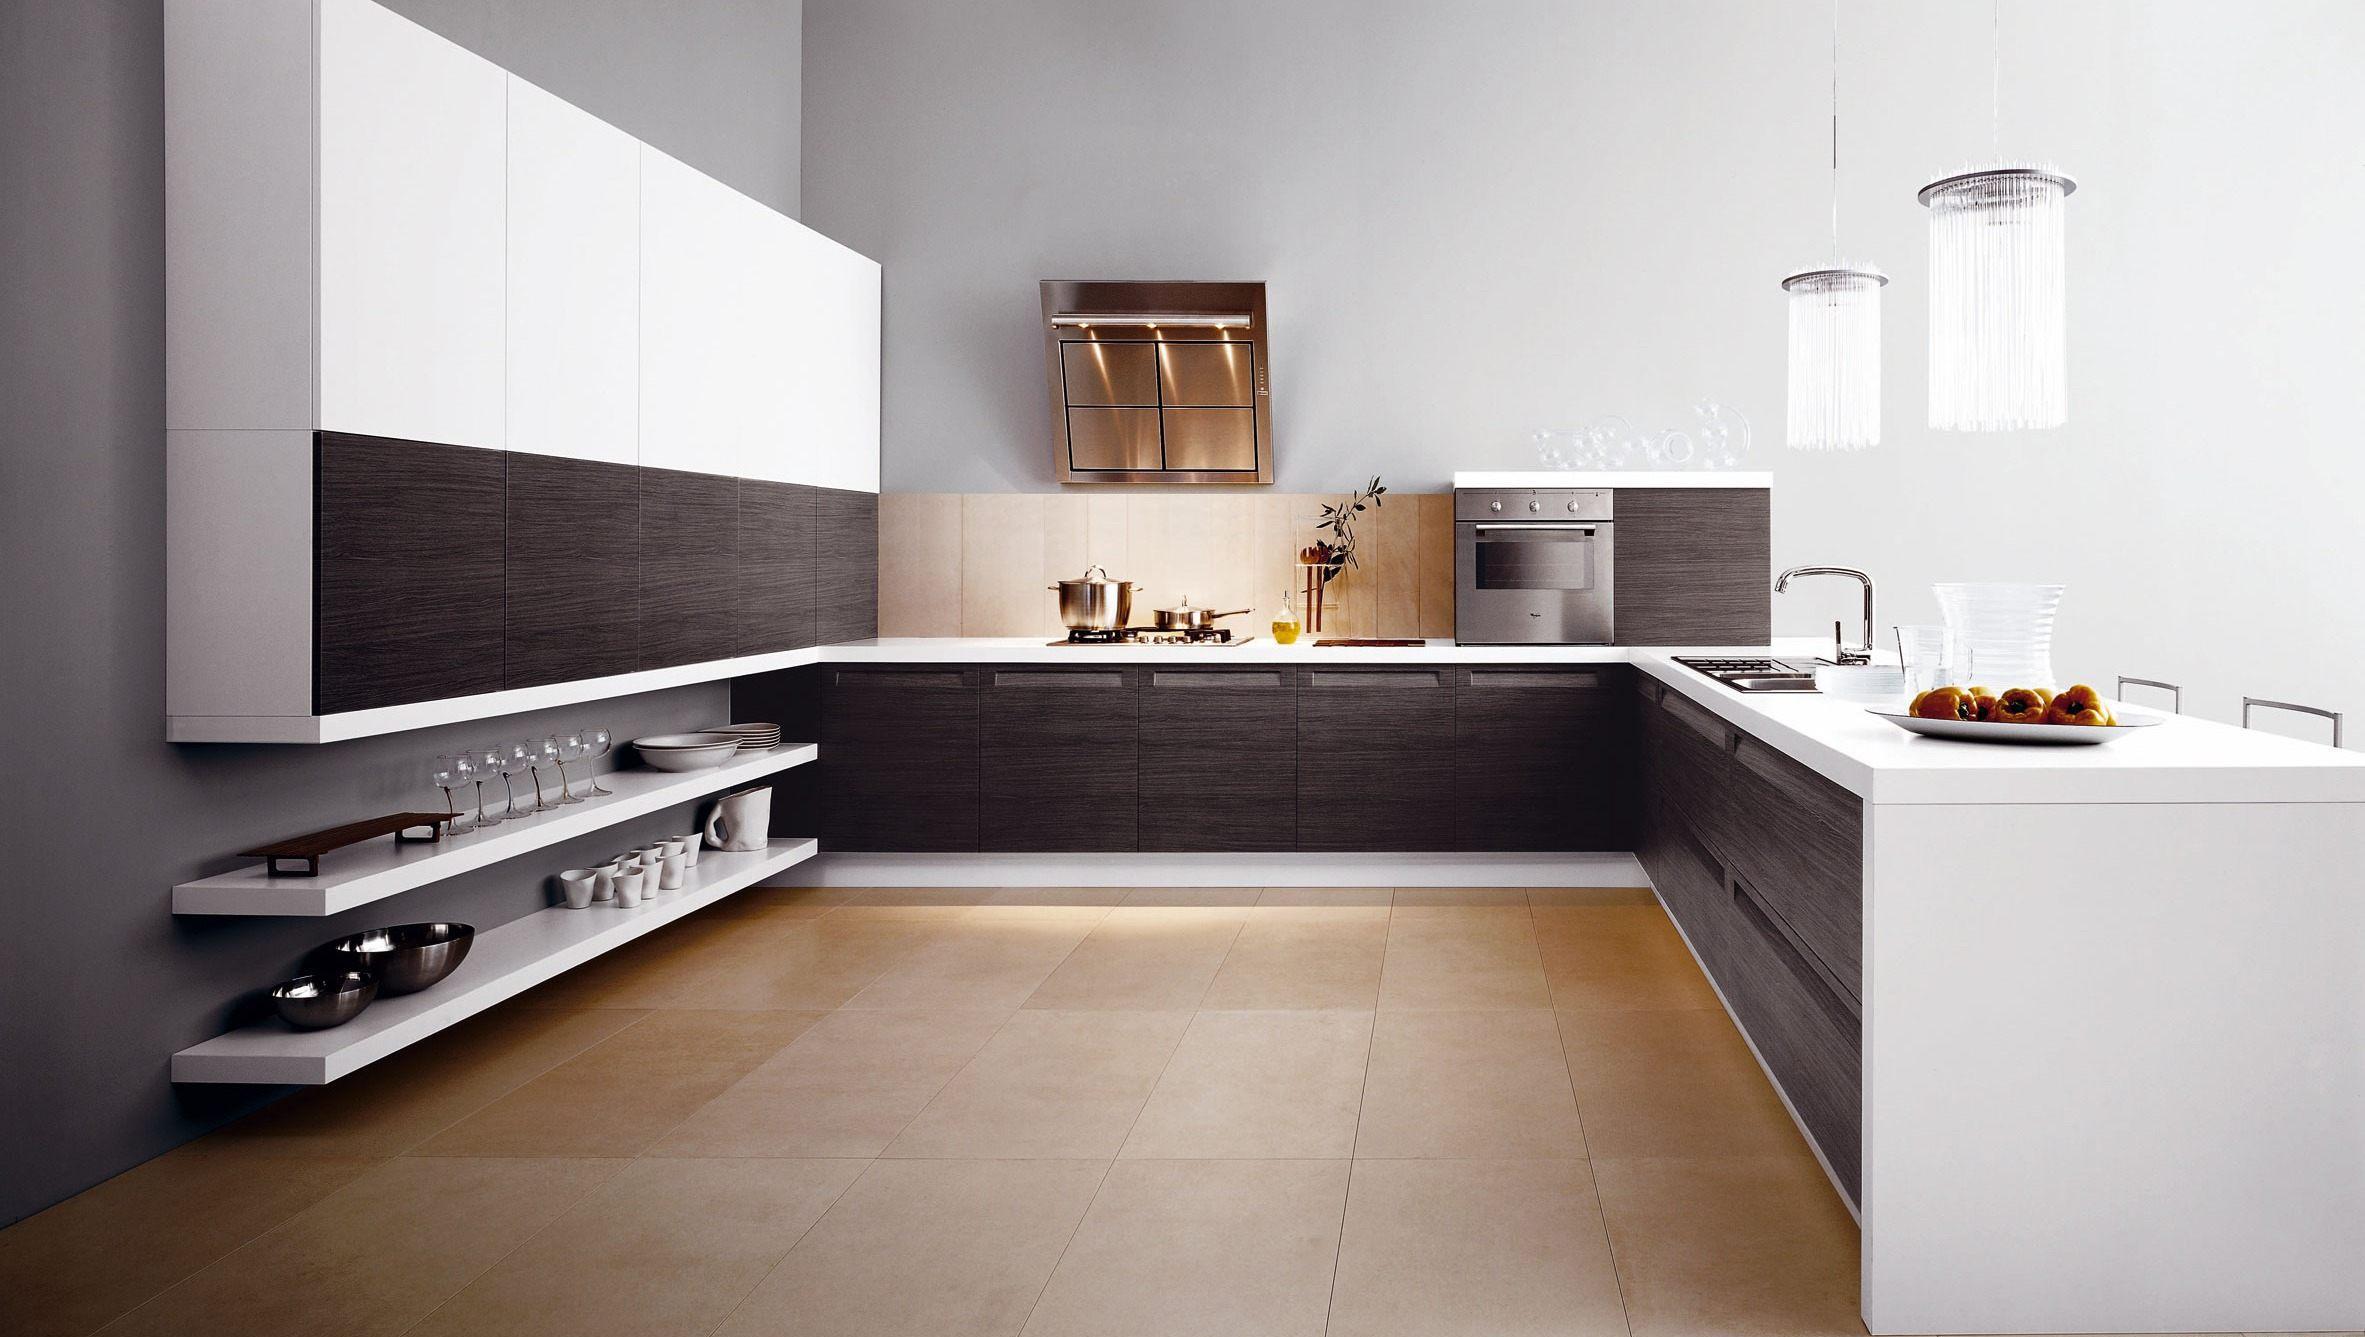 2017-mutfak-dekorasyon-önerileri.jpg